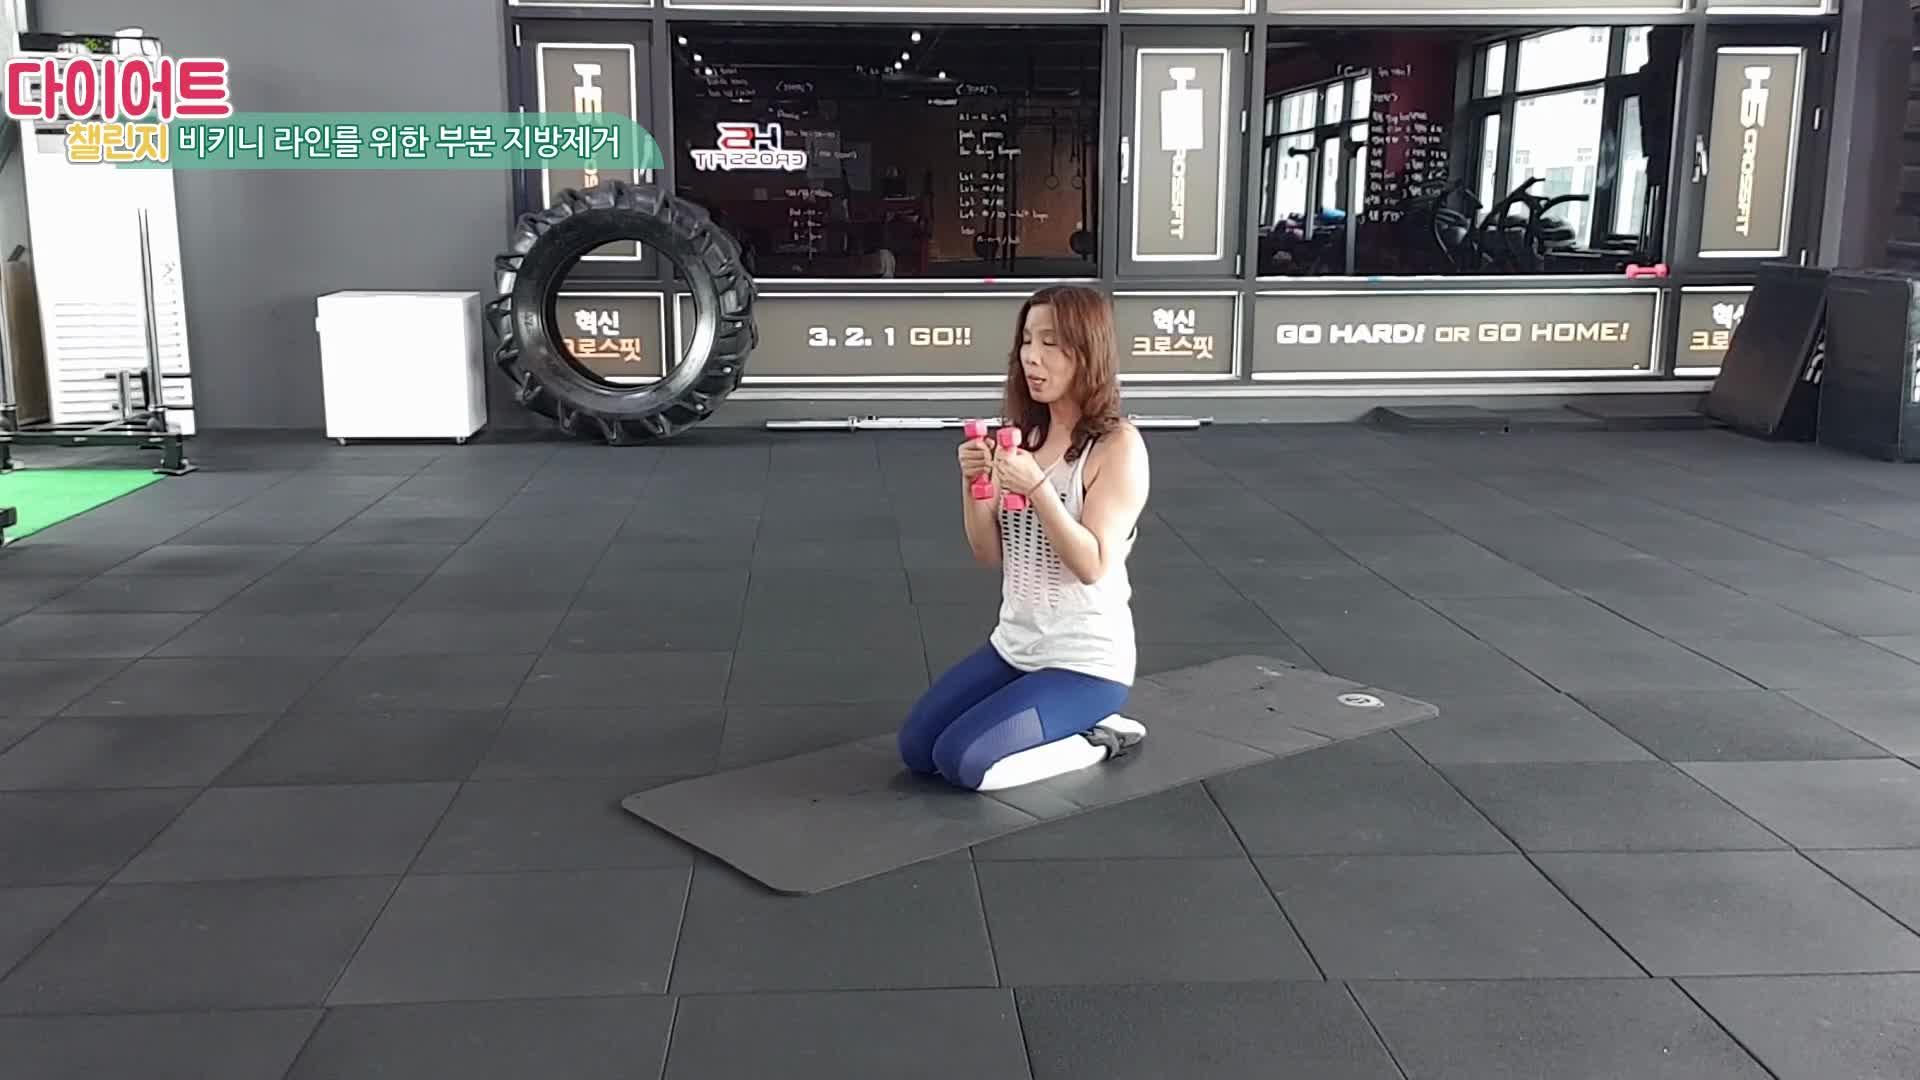 [1분팁] 집에서 팔뚝 살 빼는 최고의 운동 비키니 몸매를 위한 삐져나온 등살 팔뚝살 제거 1분이면 돼!